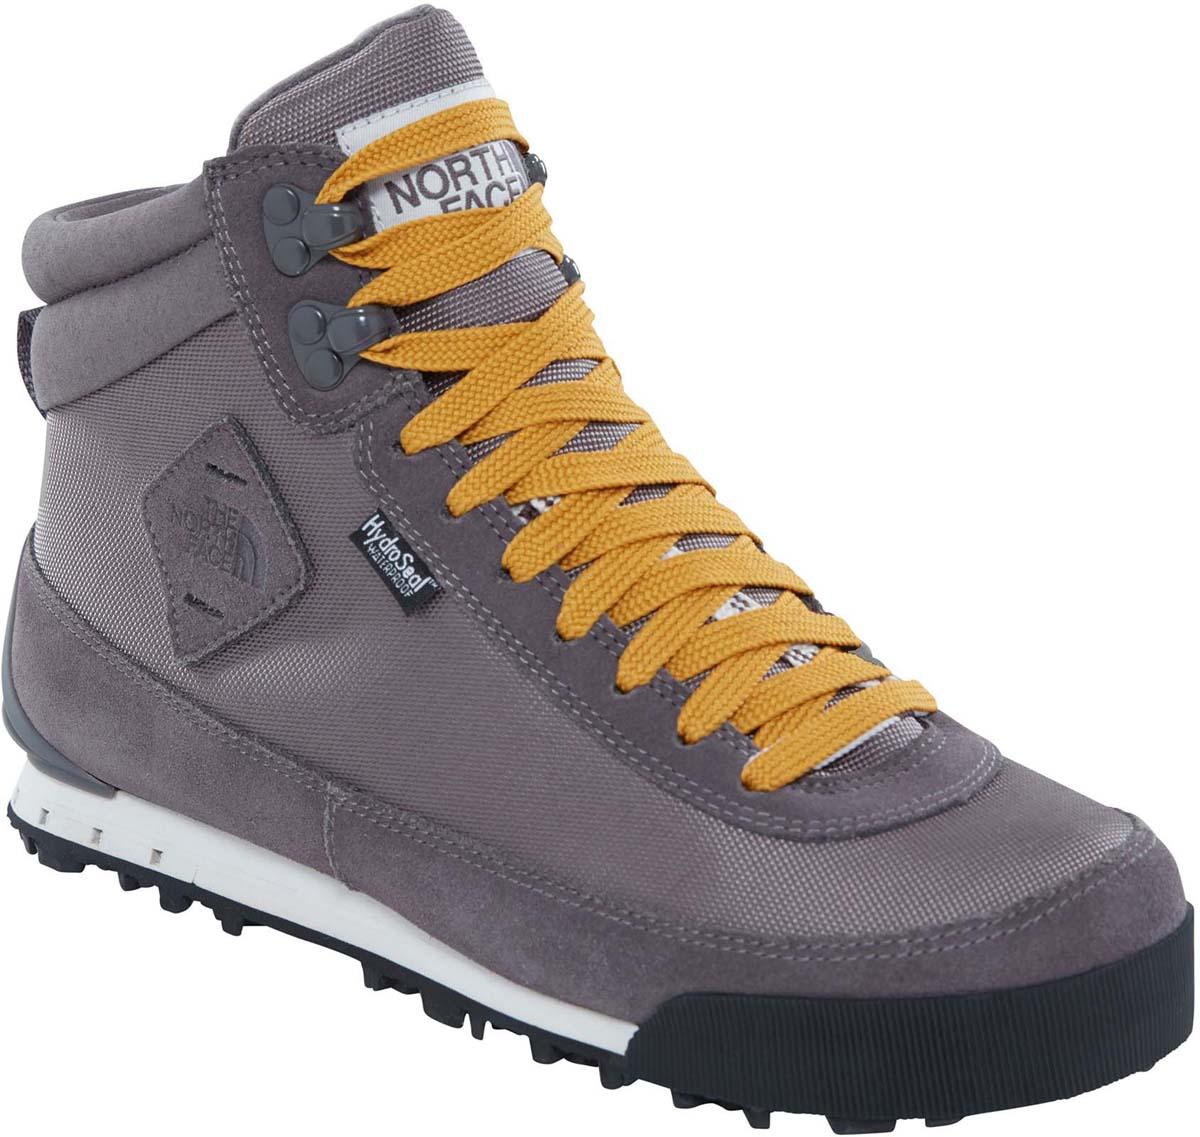 Ботинки женские The North Face Back-to-Berkeley Boot II, цвет: серый. T0A1MFFB1. Размер 7 (38)T0A1MFFB1Стильные ботинки The North Face от Back-to-Berkeley Boot II - это женские ботинки с ретро-обликом, но современной функциональной конструкцией. Верх выполнен из нейлона-рипстопа и мембраны HydroSeal, обеспечивающей полноценную защиту от влаги. Окантовка из натуральной замши по периметру защищает внешнюю ткань от истирания, а глухой язык препятствует попаданию внутрь камней, воды и пыли. Шнуровка надежно фиксирует модель на ноге. Подошва TNF Winter Grip с технологией Ice Pick обеспечивает наилучшее сцепление с поверхностью. Утеплитель Primaloft Eco сохранит ноги в тепле в самые сильные холода. Антибактериальная стелька Ortholine из EVA с текстильной поверхностью комфортна при ходьбе. Текстильный ярлычок на заднике обеспечивает удобное обувание модели. Язычок и боковая сторона модели оформлена фирменной нашивкой. Ботинки Womens Back-to-Berkeley Boot II - отличный выбор стильной и технологичной зимней обуви.